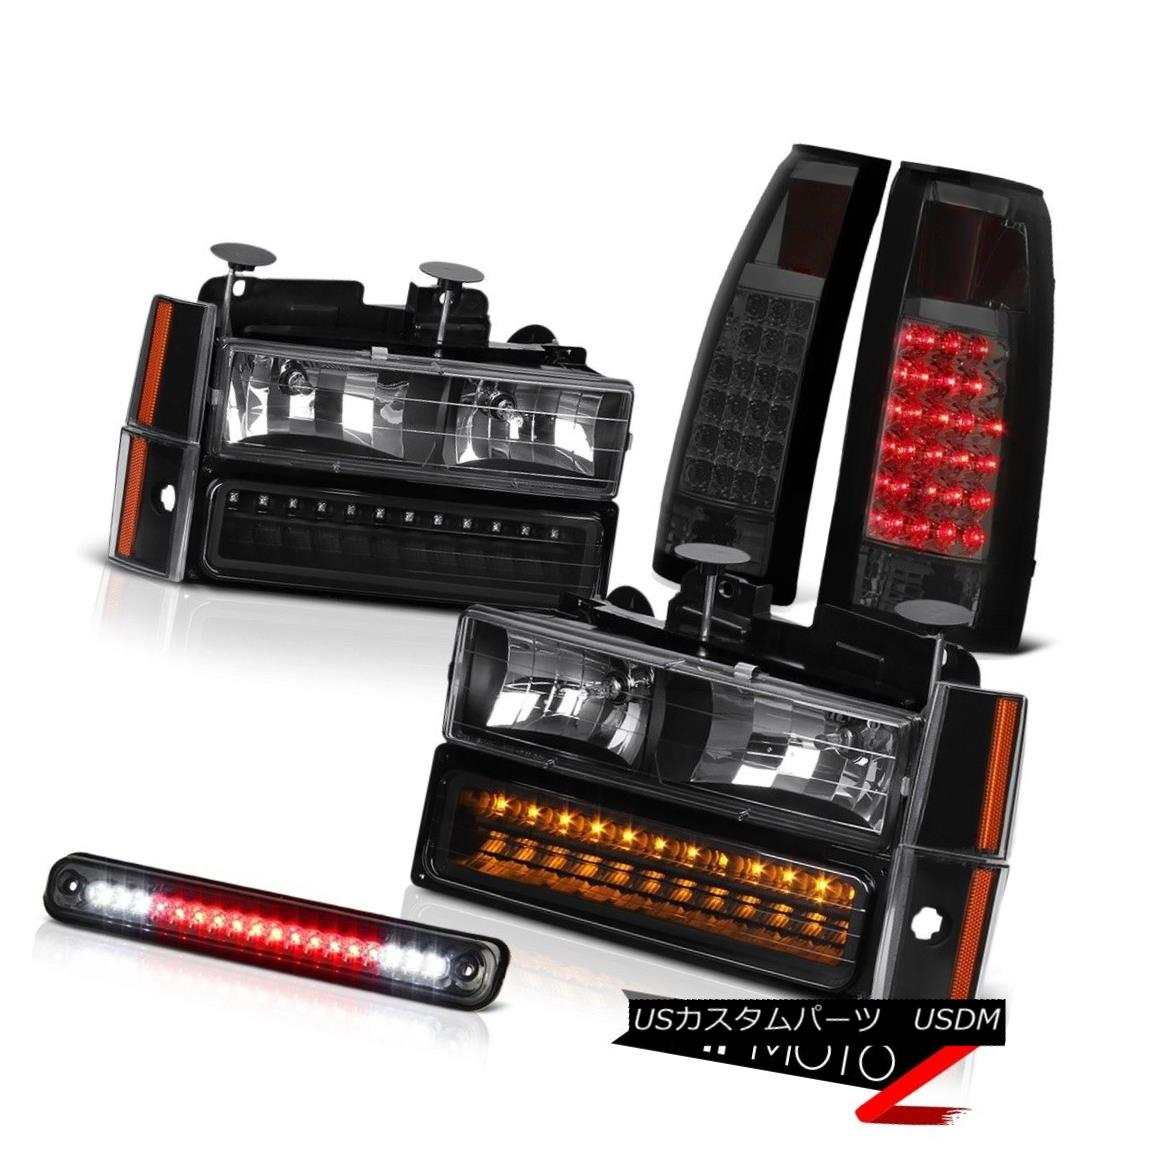 テールライト 1988 1989 1990 1991 1992 1993 Chevy C1500 K1500 C2500 Headlights Tail Lights LED 1988 1989 1989 1990 1991 1992 Chevy C1500 K1500 C2500ヘッドライトテールライトLED